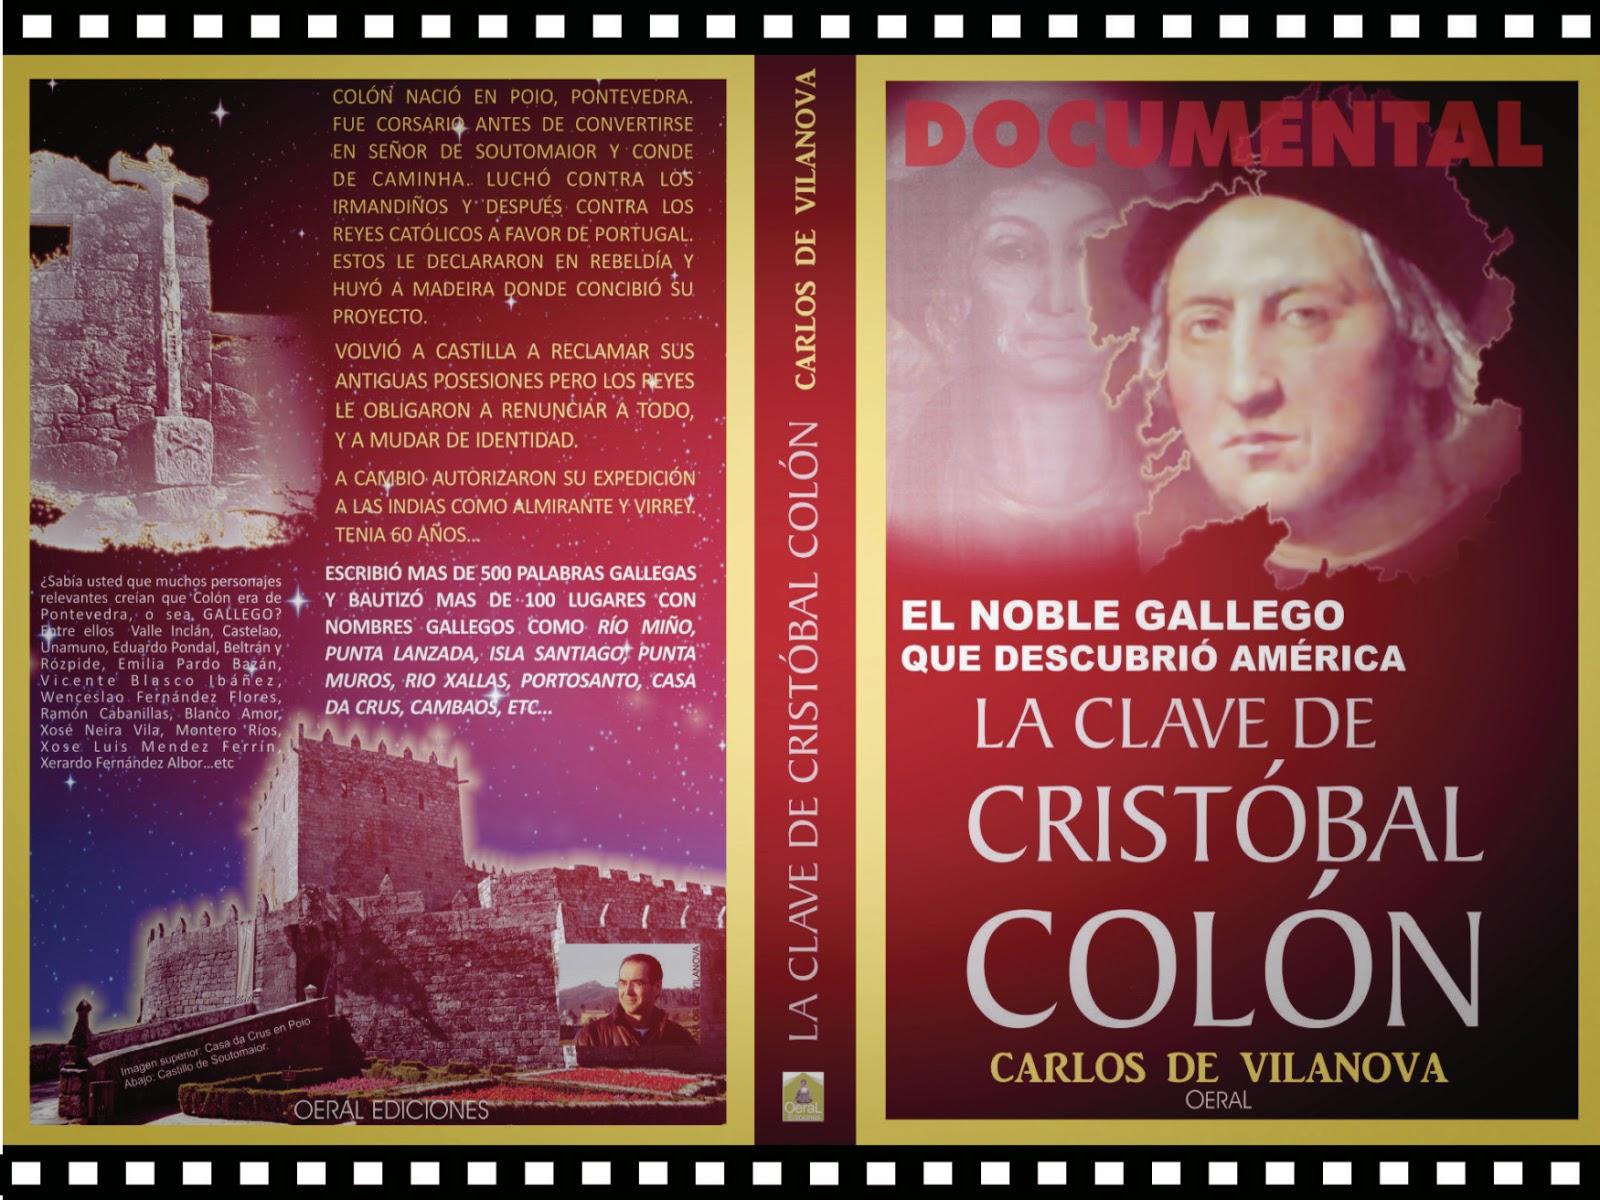 La clave de Cristóbal Colón, el noble gallego que descubrió América